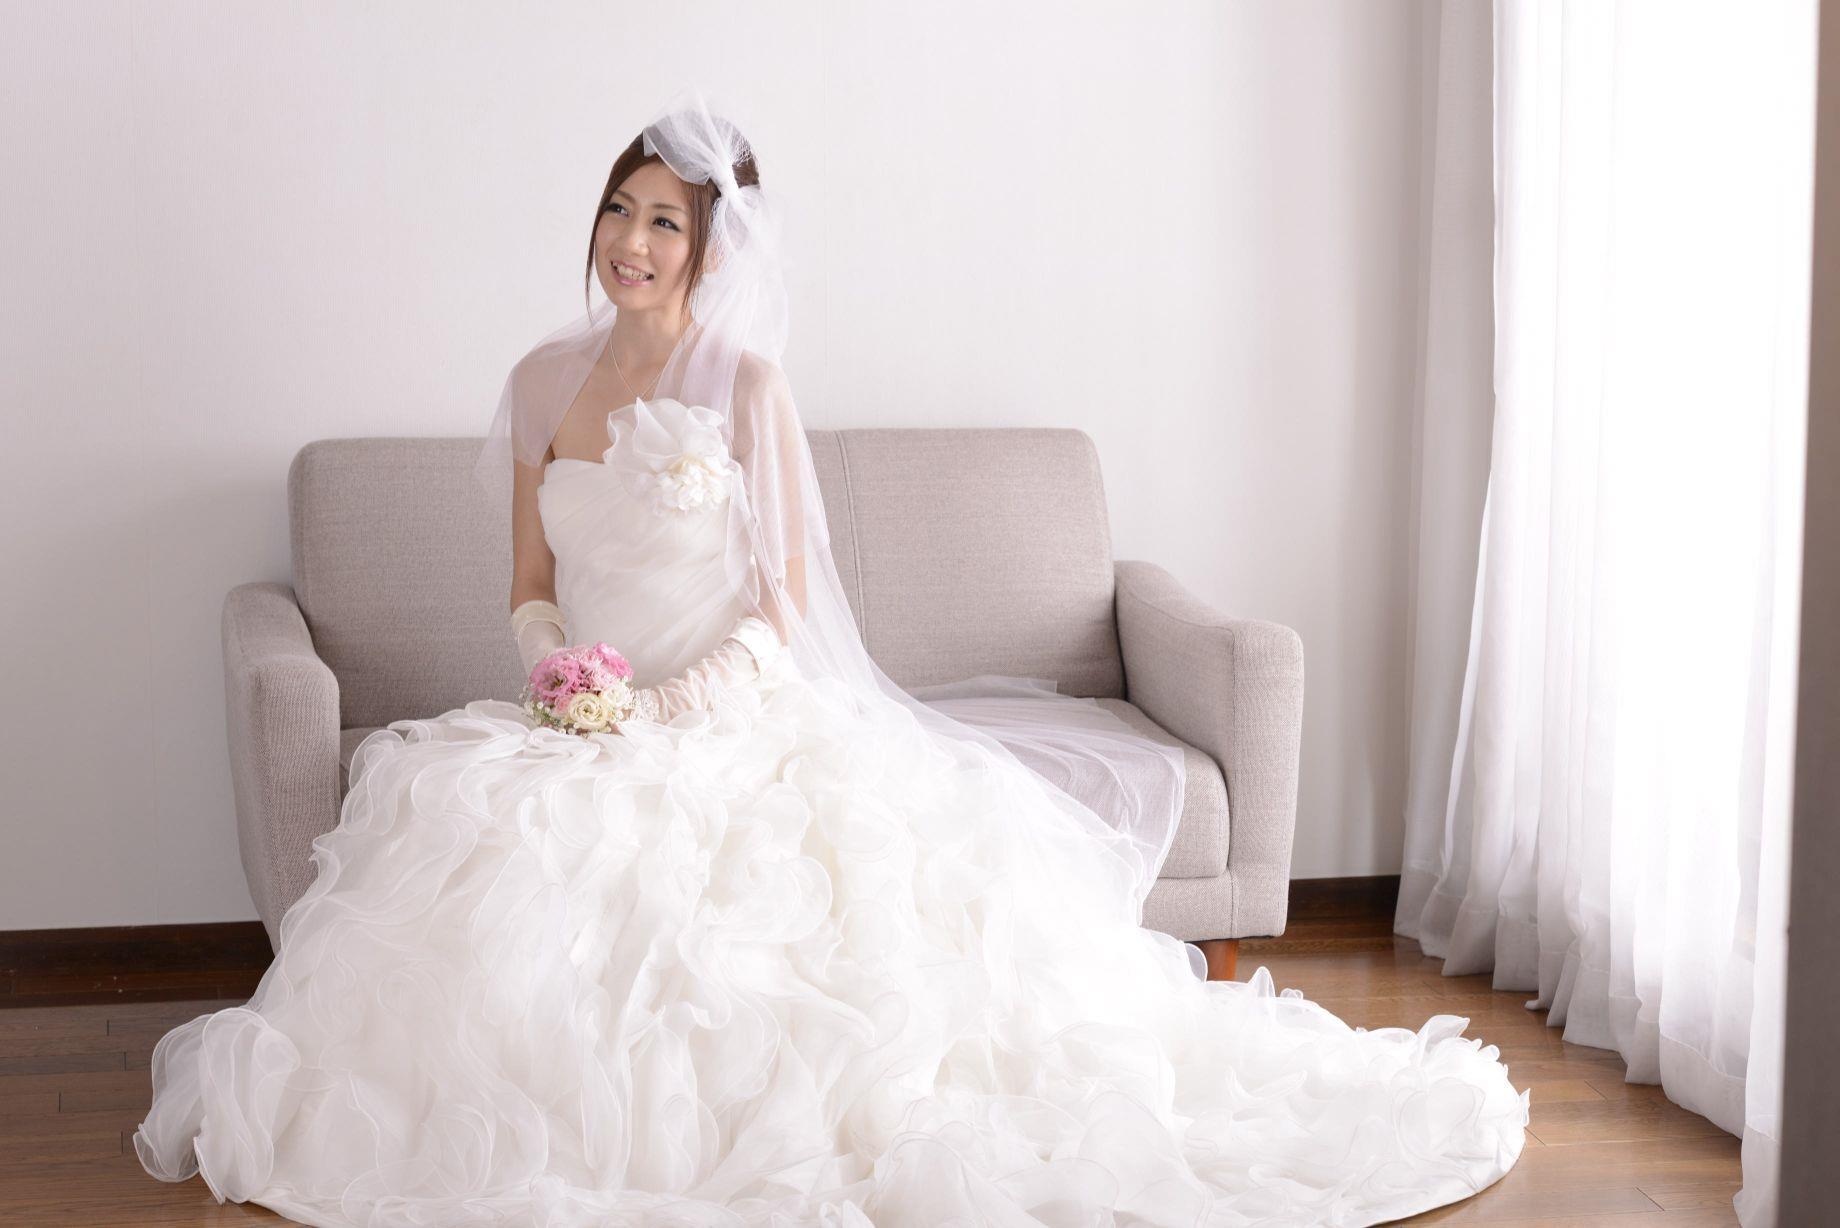 前田かおり ウェディングドレス画像 42